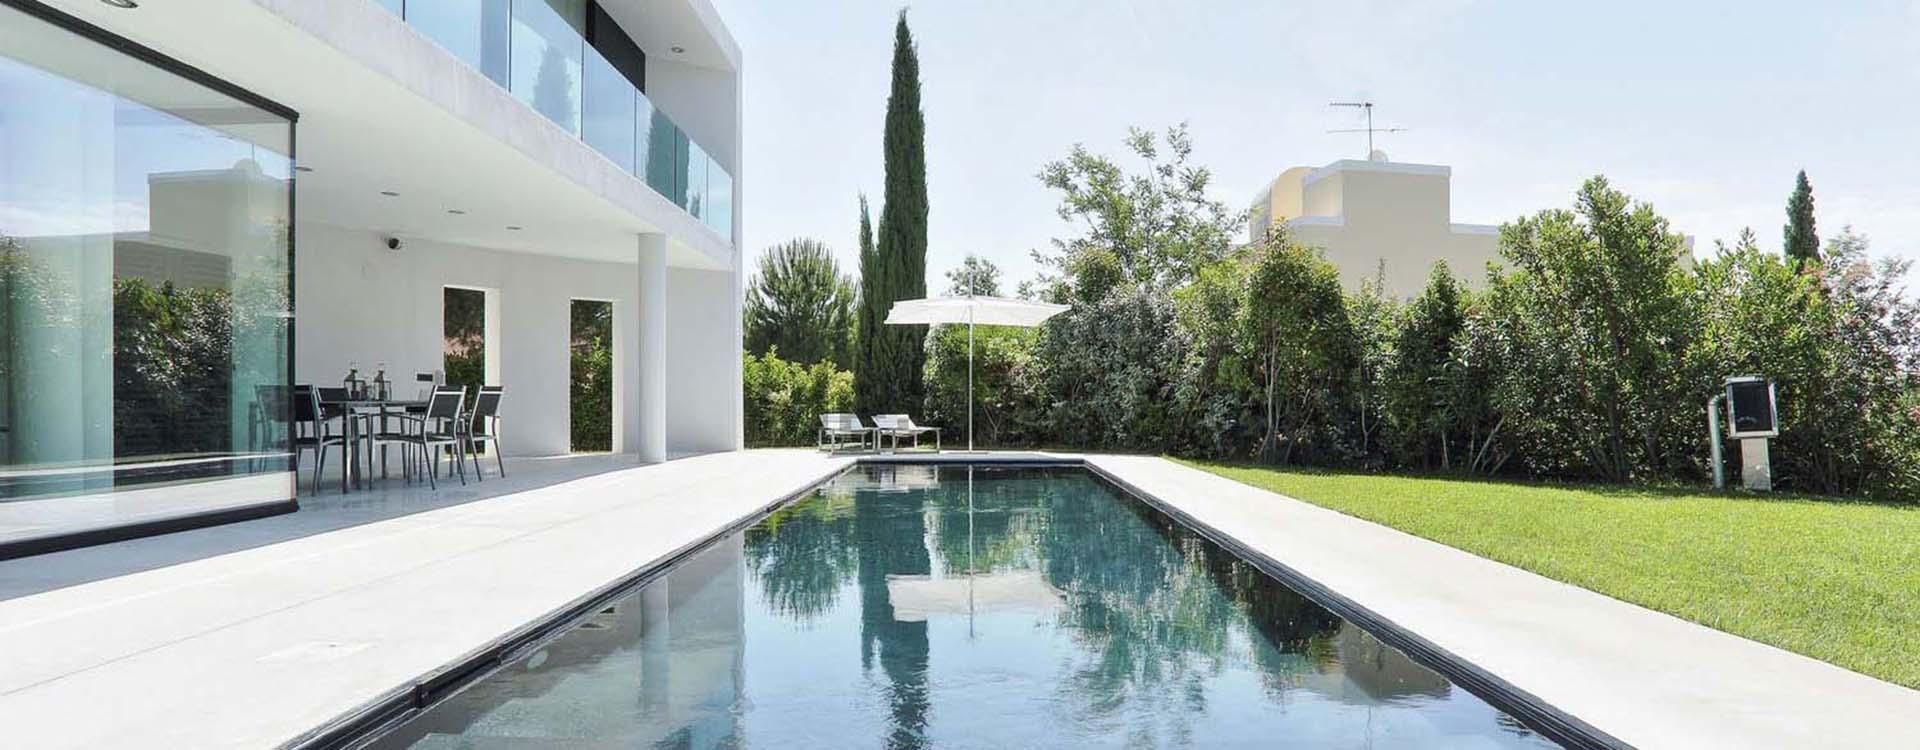 Villa moderna in vendita a Castiglioncello